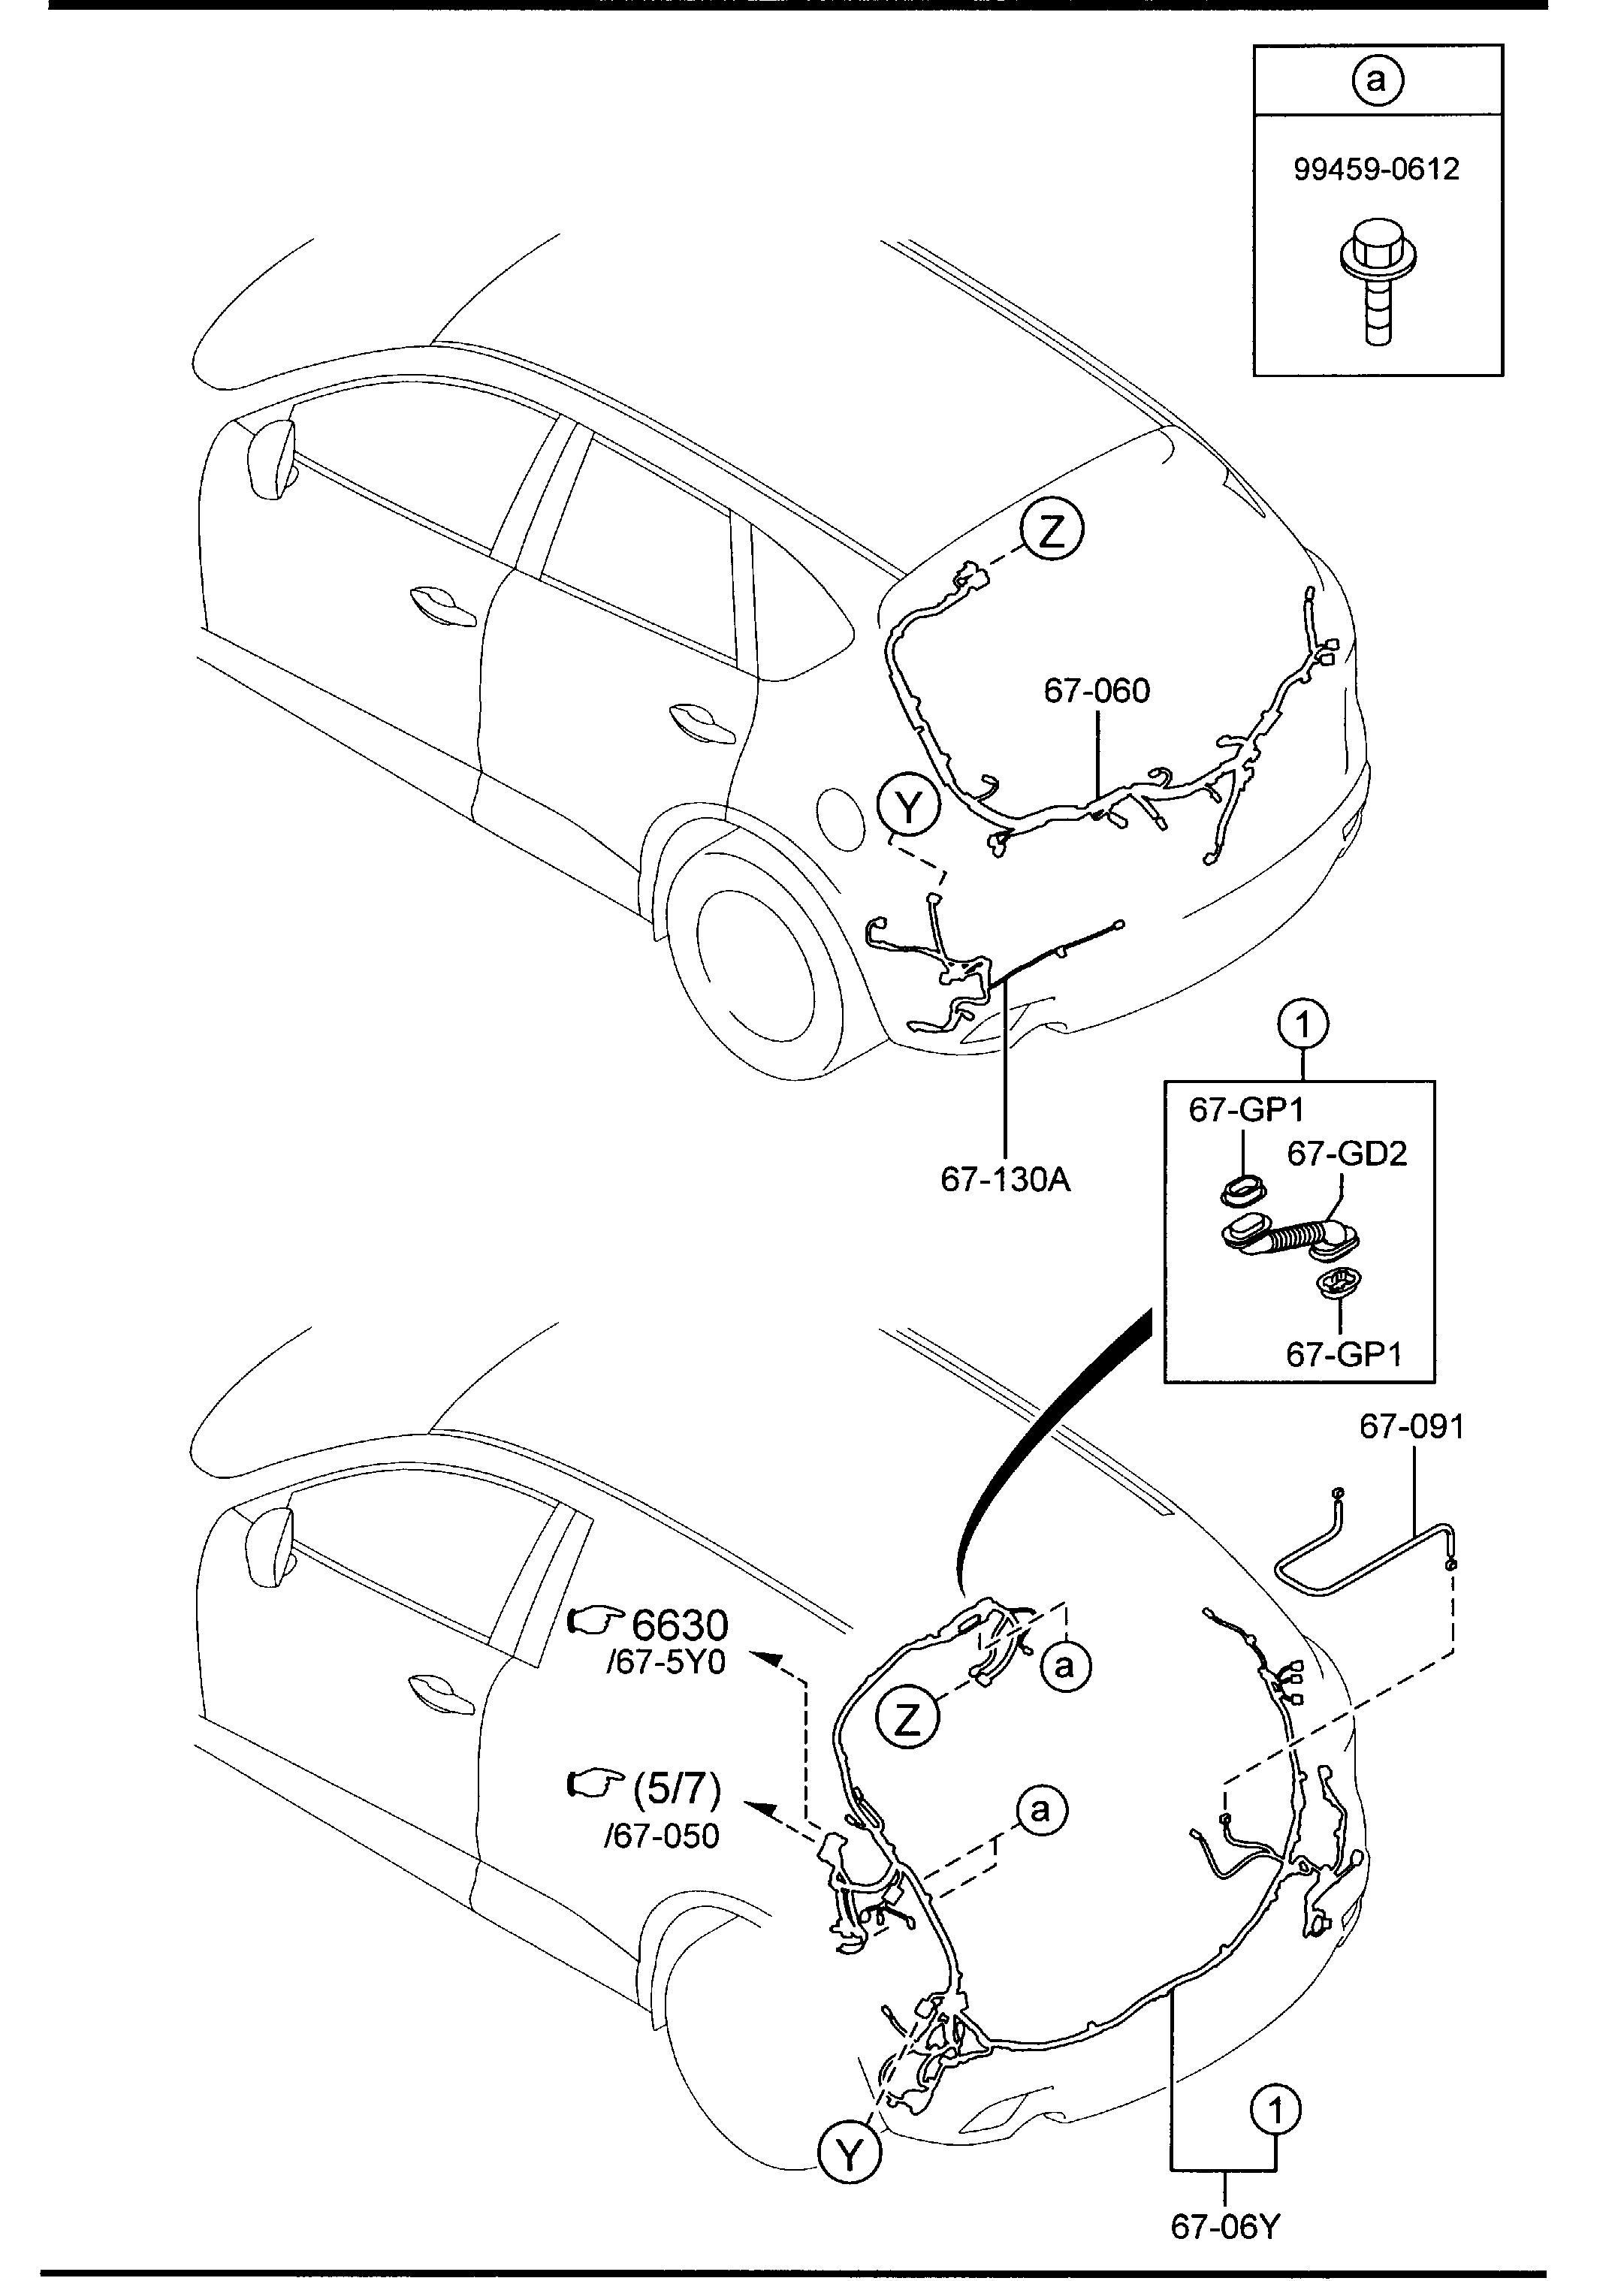 Mazda Cx 5 Block Main Fuse Compartment